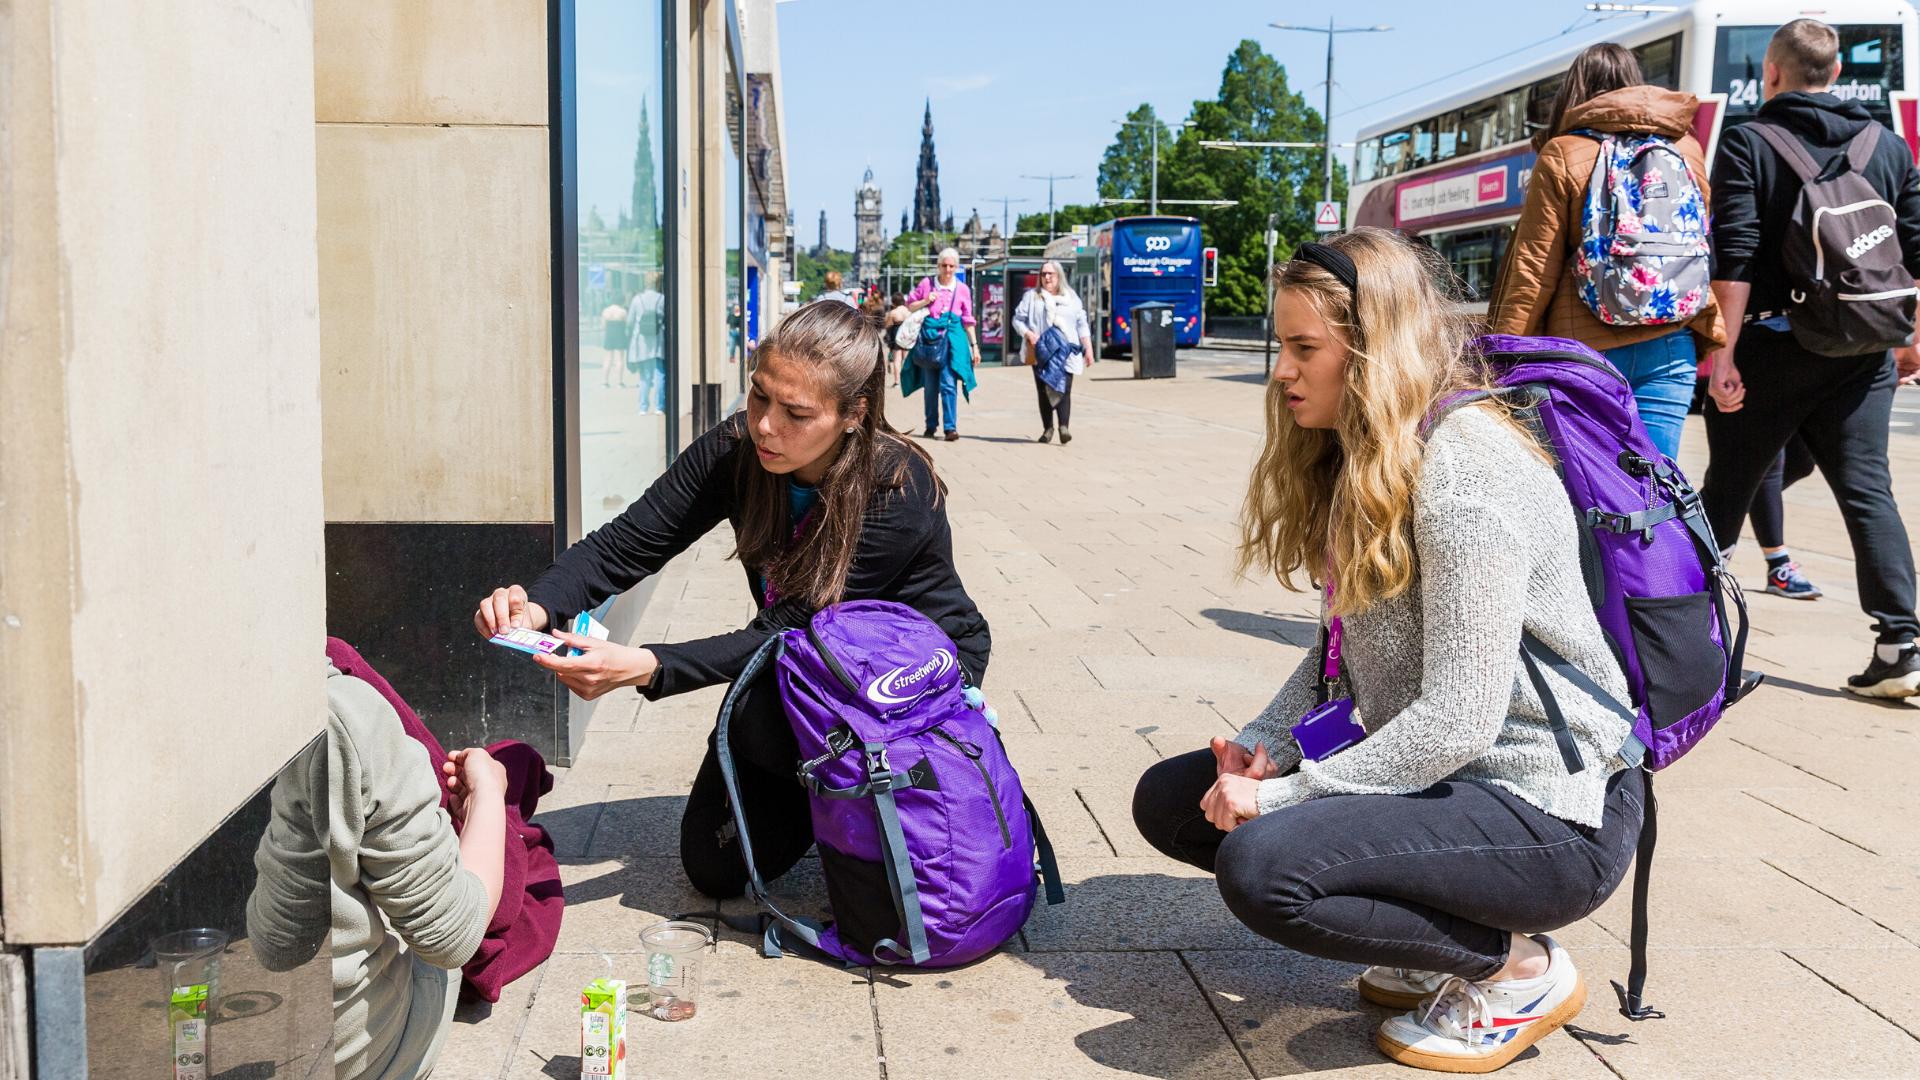 Two women helping a homeless person Deadline News Business News Scotland